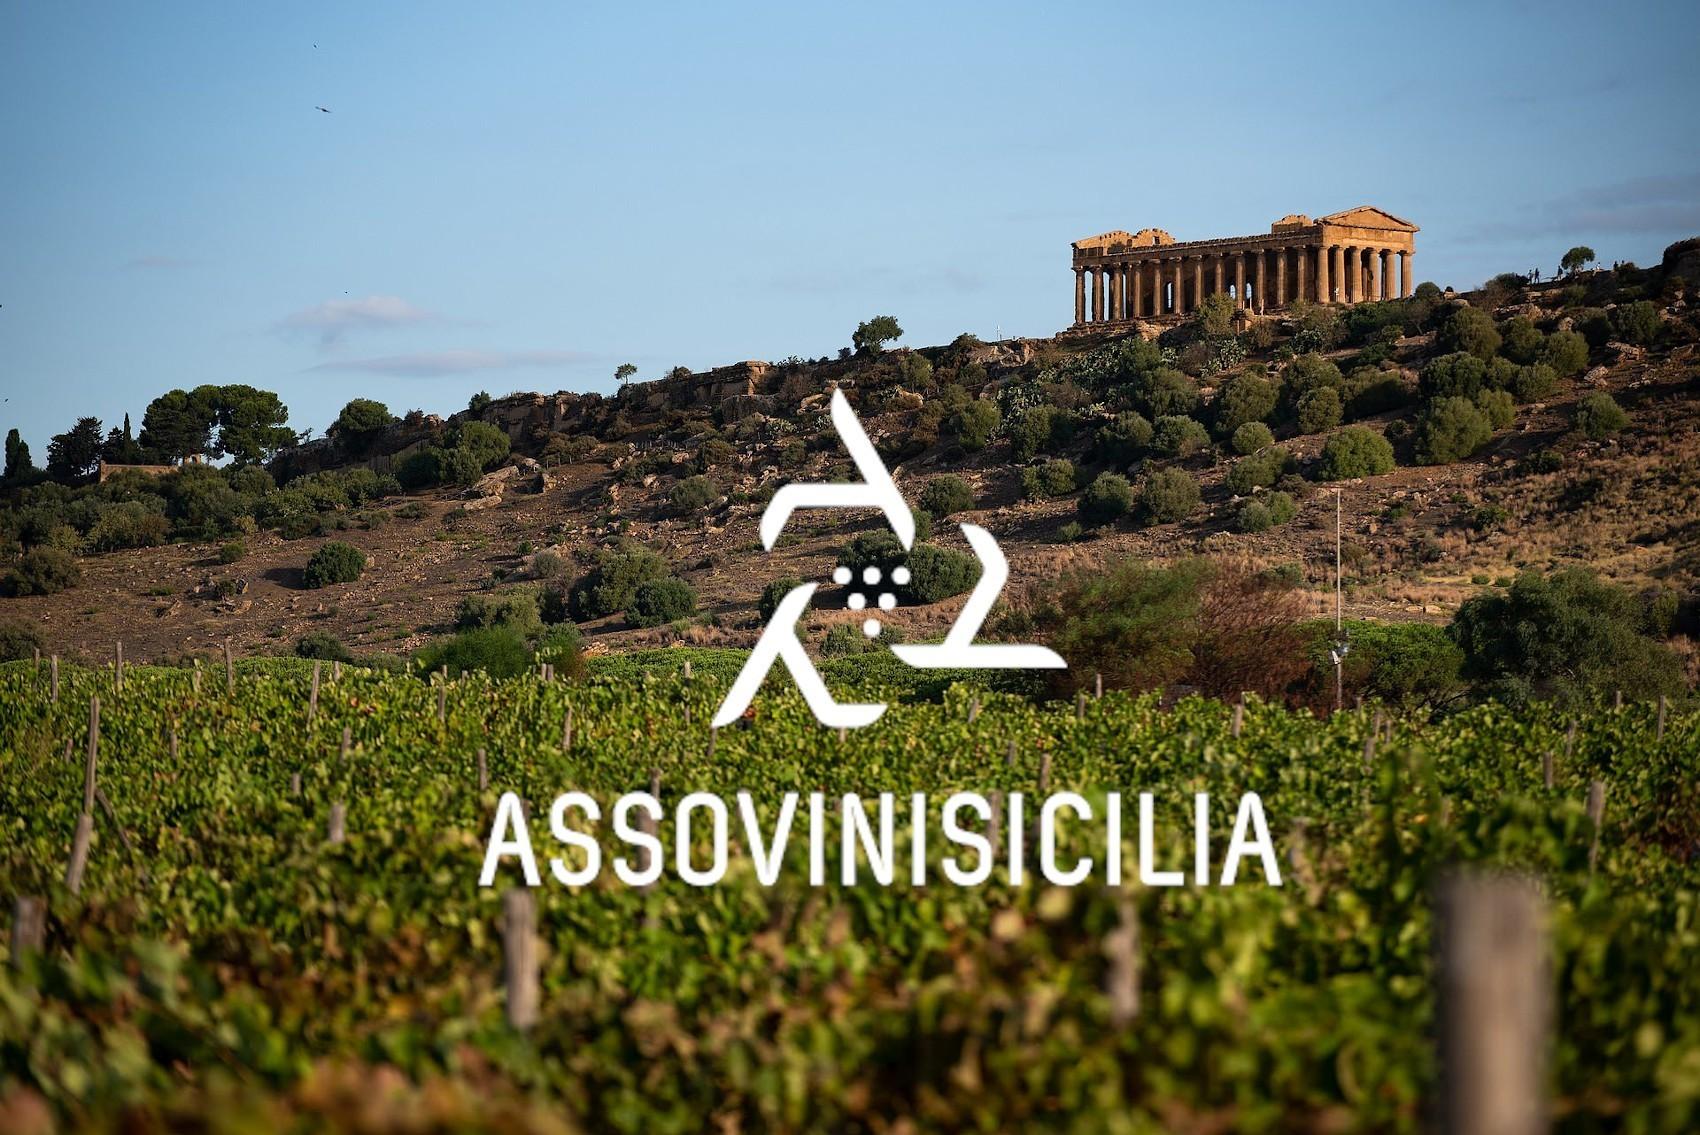 Sostenibilità, enoturismo ed export: i punti strategici di Assovini Sicilia